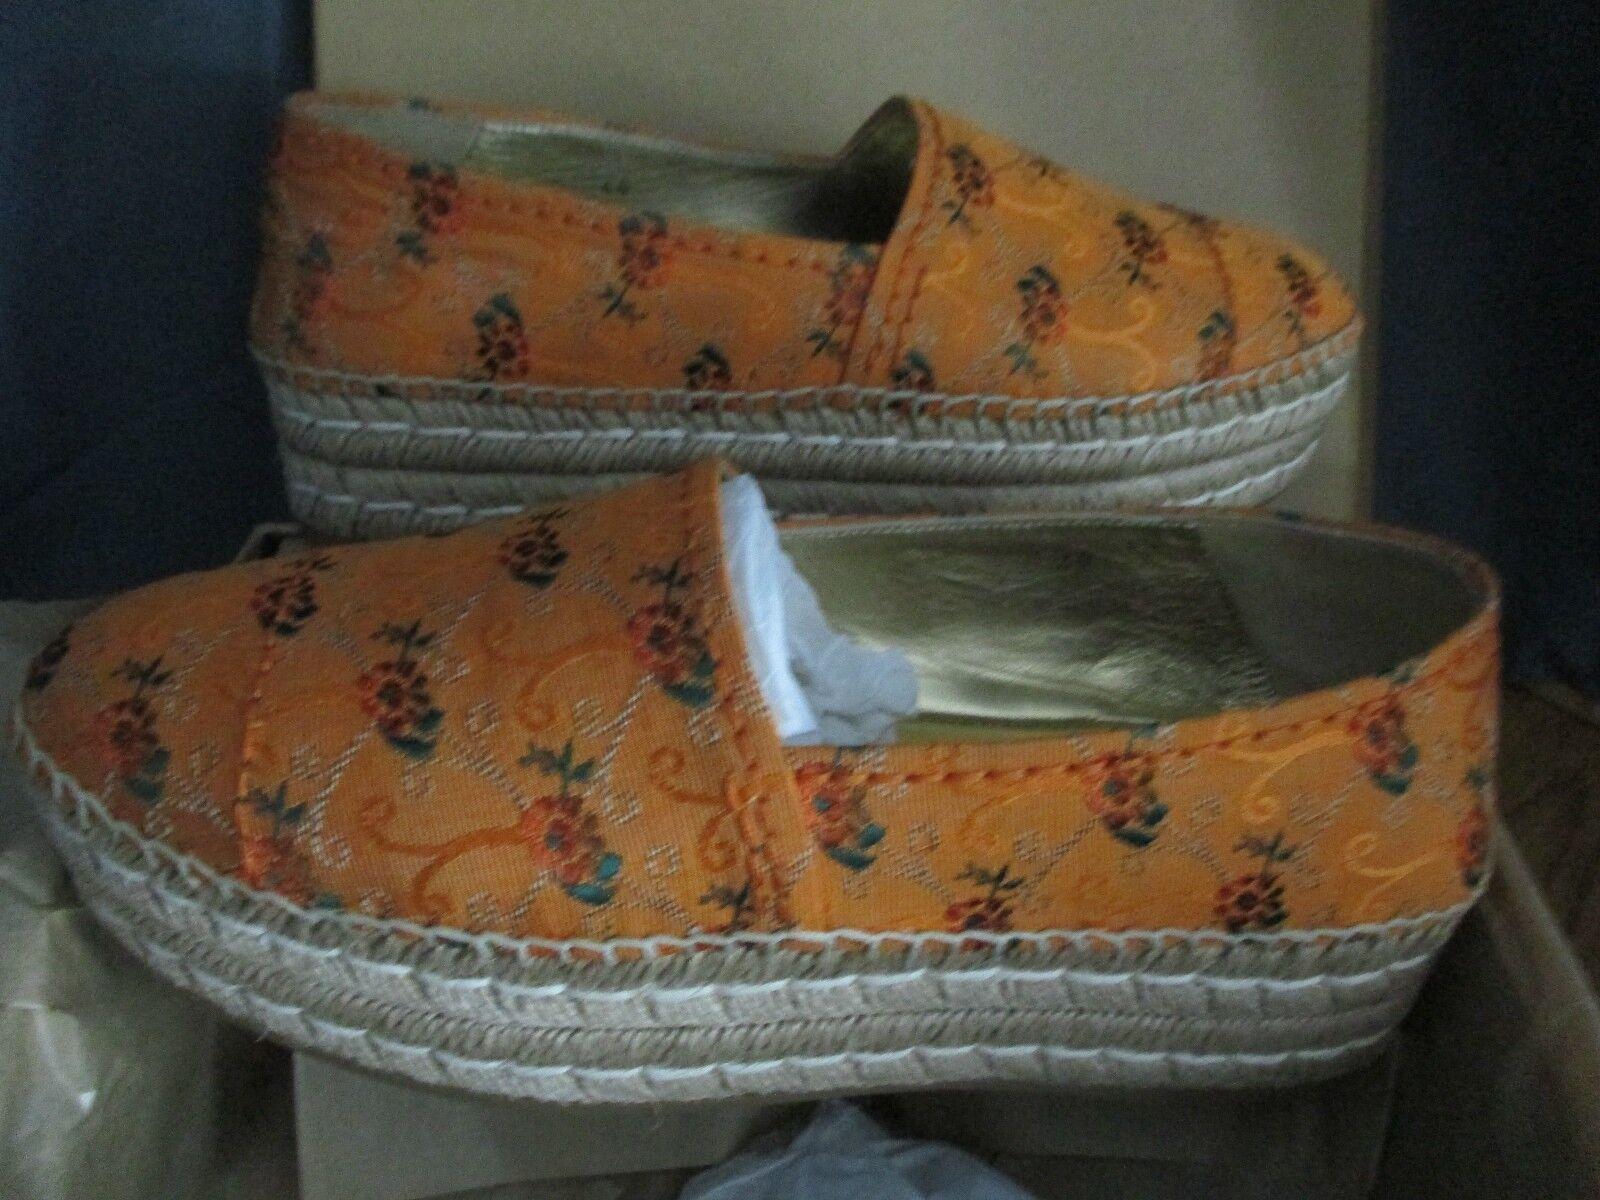 Prada Jacquard  Platform Espadrilles NWB Loafer Womens  orange floral size 40 NWB Espadrilles c6af31